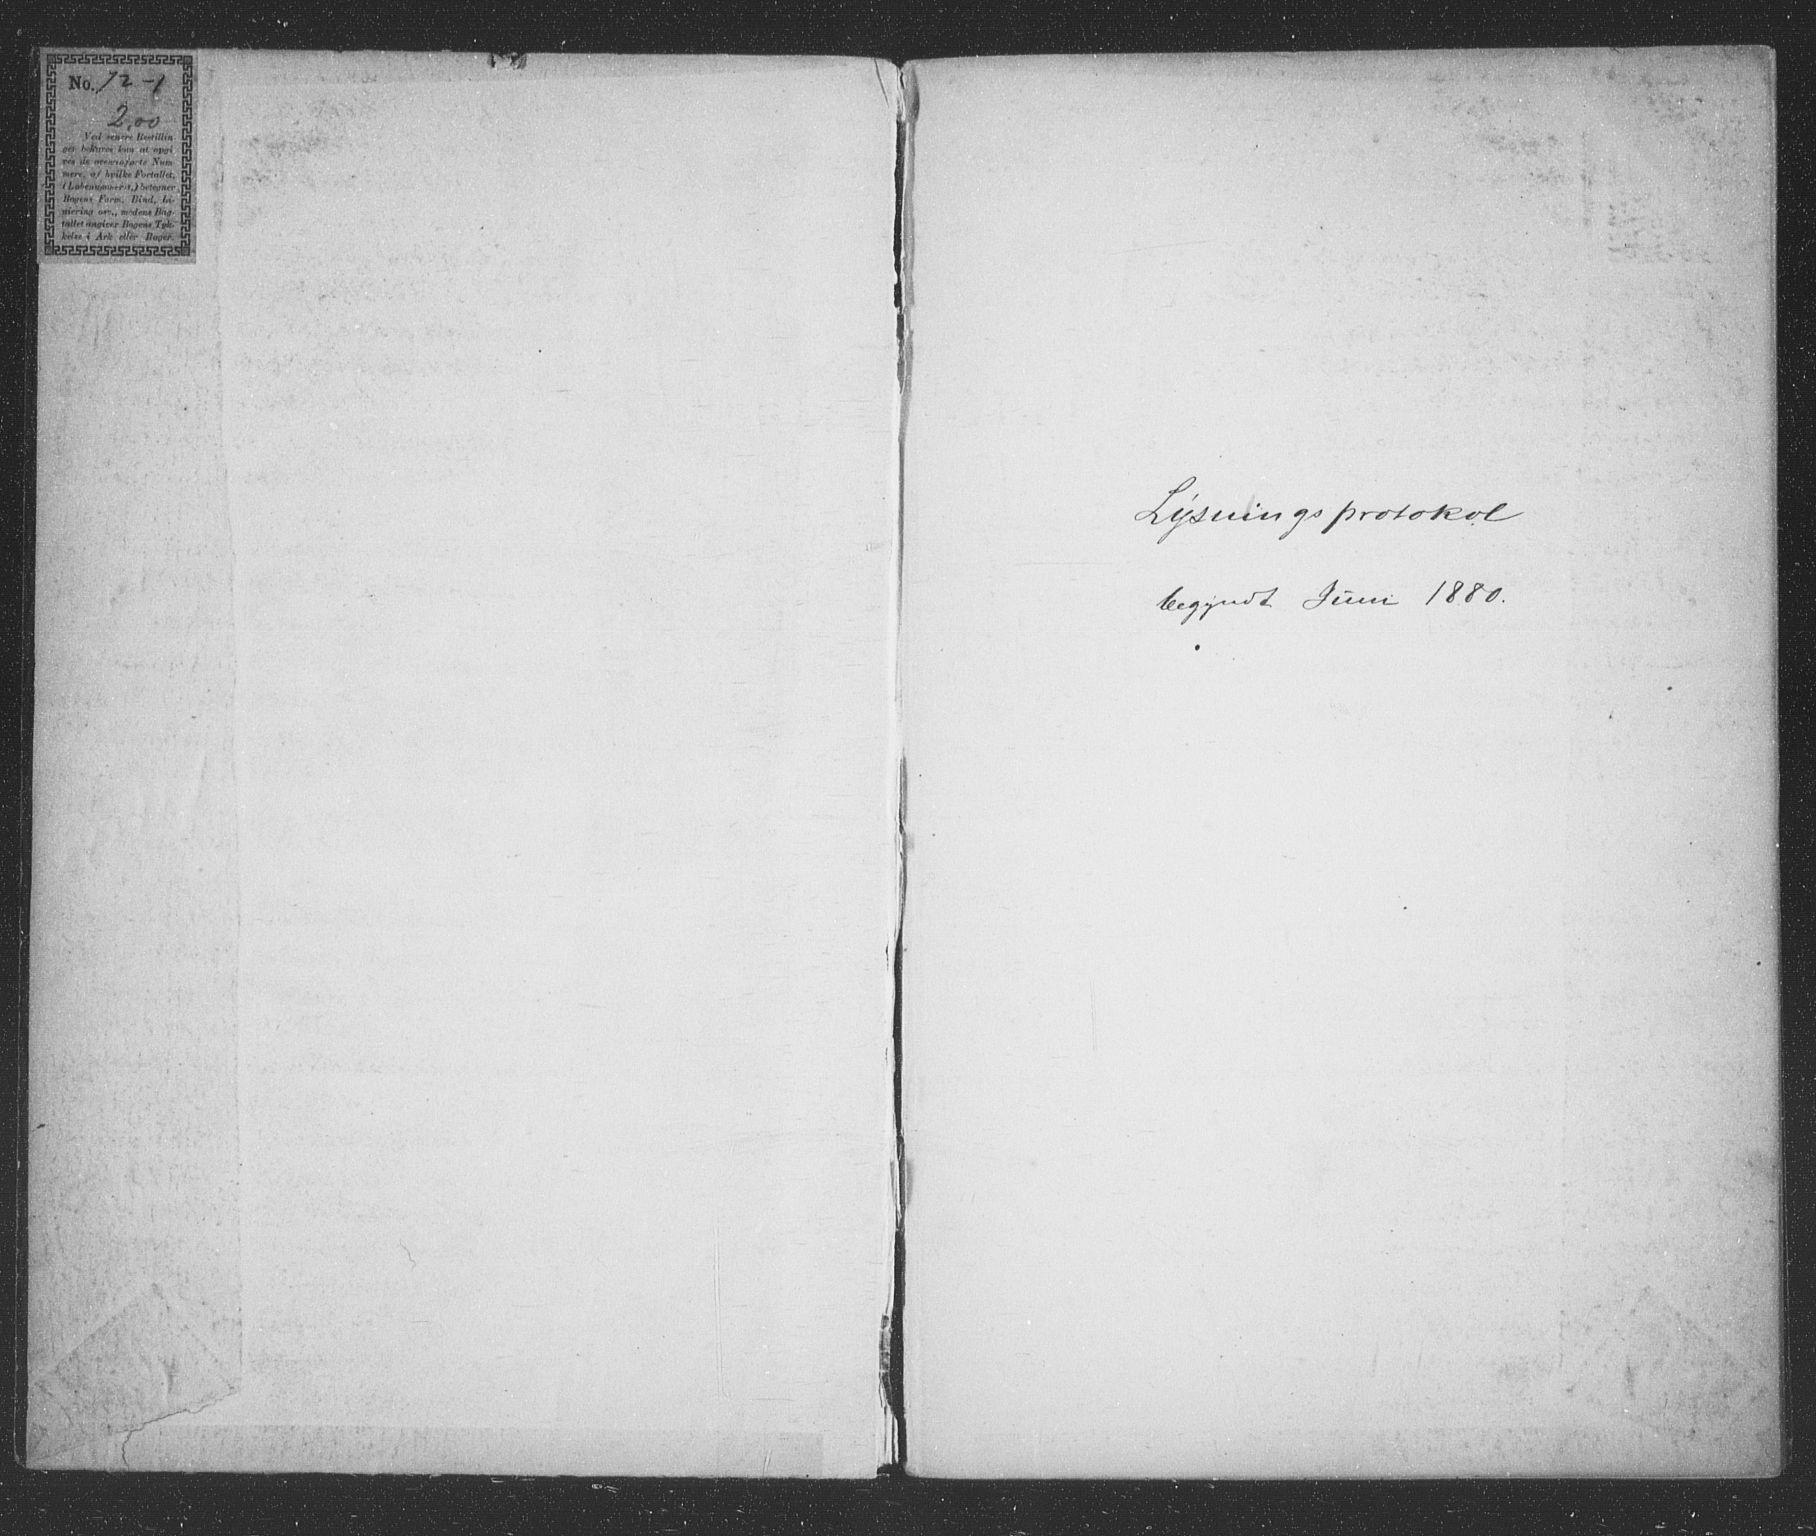 SATØ, Tromsøysund sokneprestkontor, H/Hc/L0056: Lysningsprotokoll nr. 56, 1880-1887